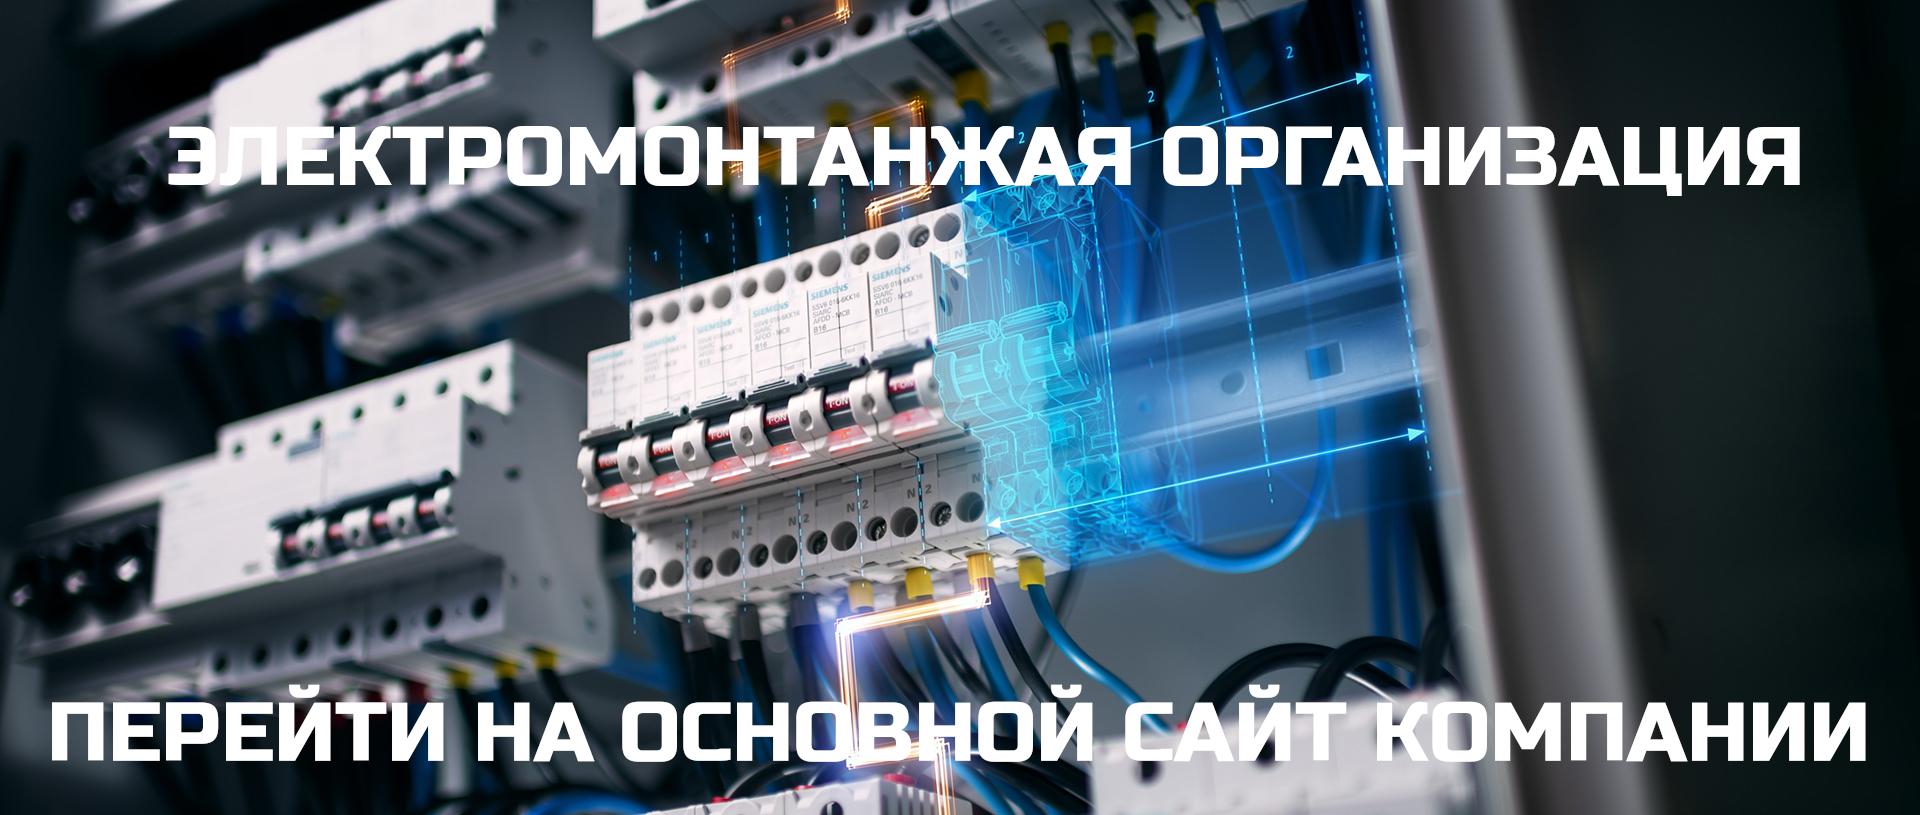 Электромонтажные работы в СПБ